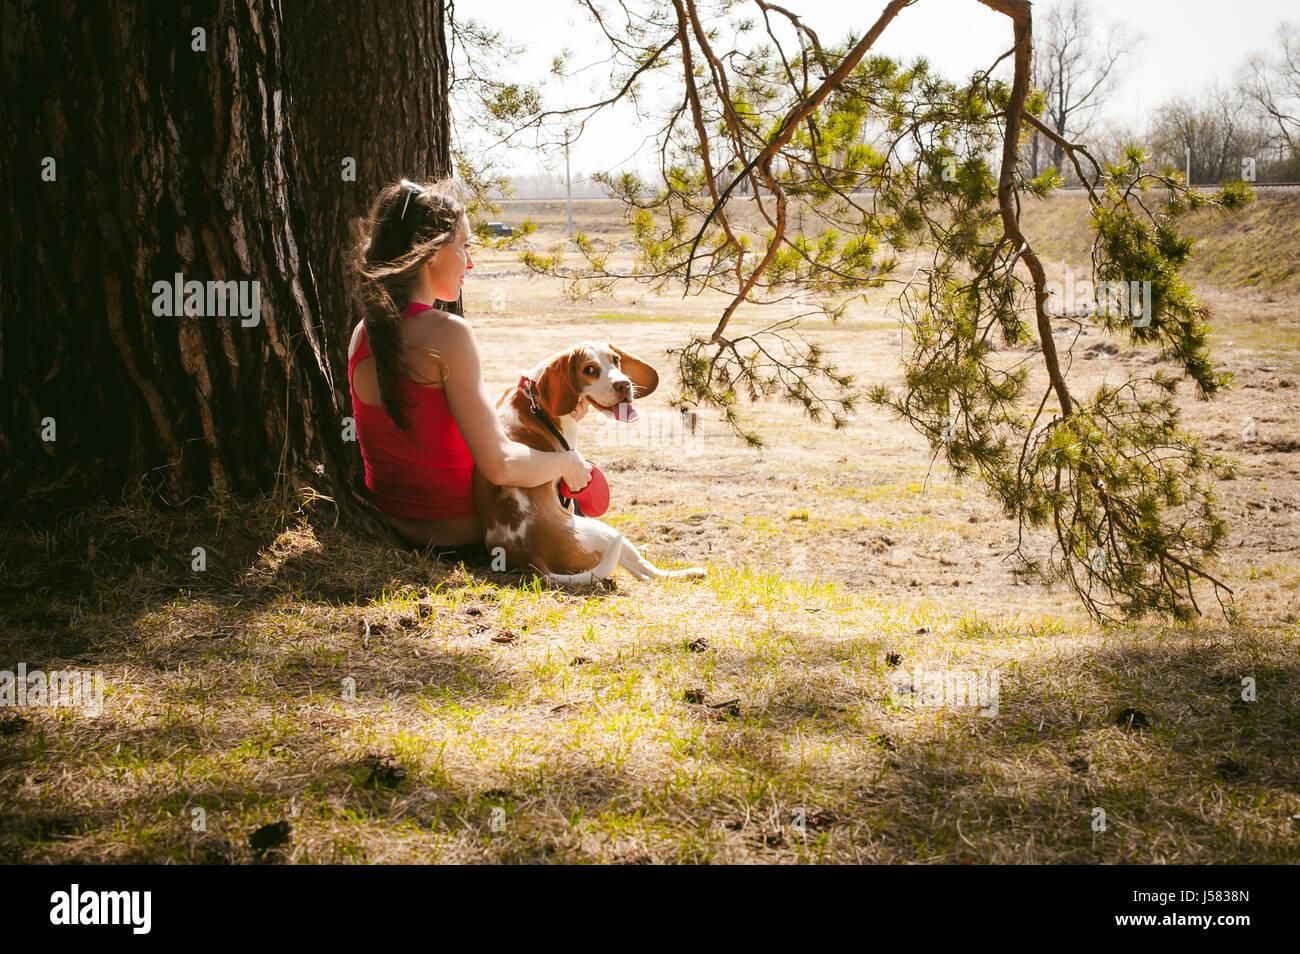 Junge Haustier Hunderassen Beagle spazieren im Park im Freien. Frau sorgfältig Welpen, Theateraufführungen Stockbild